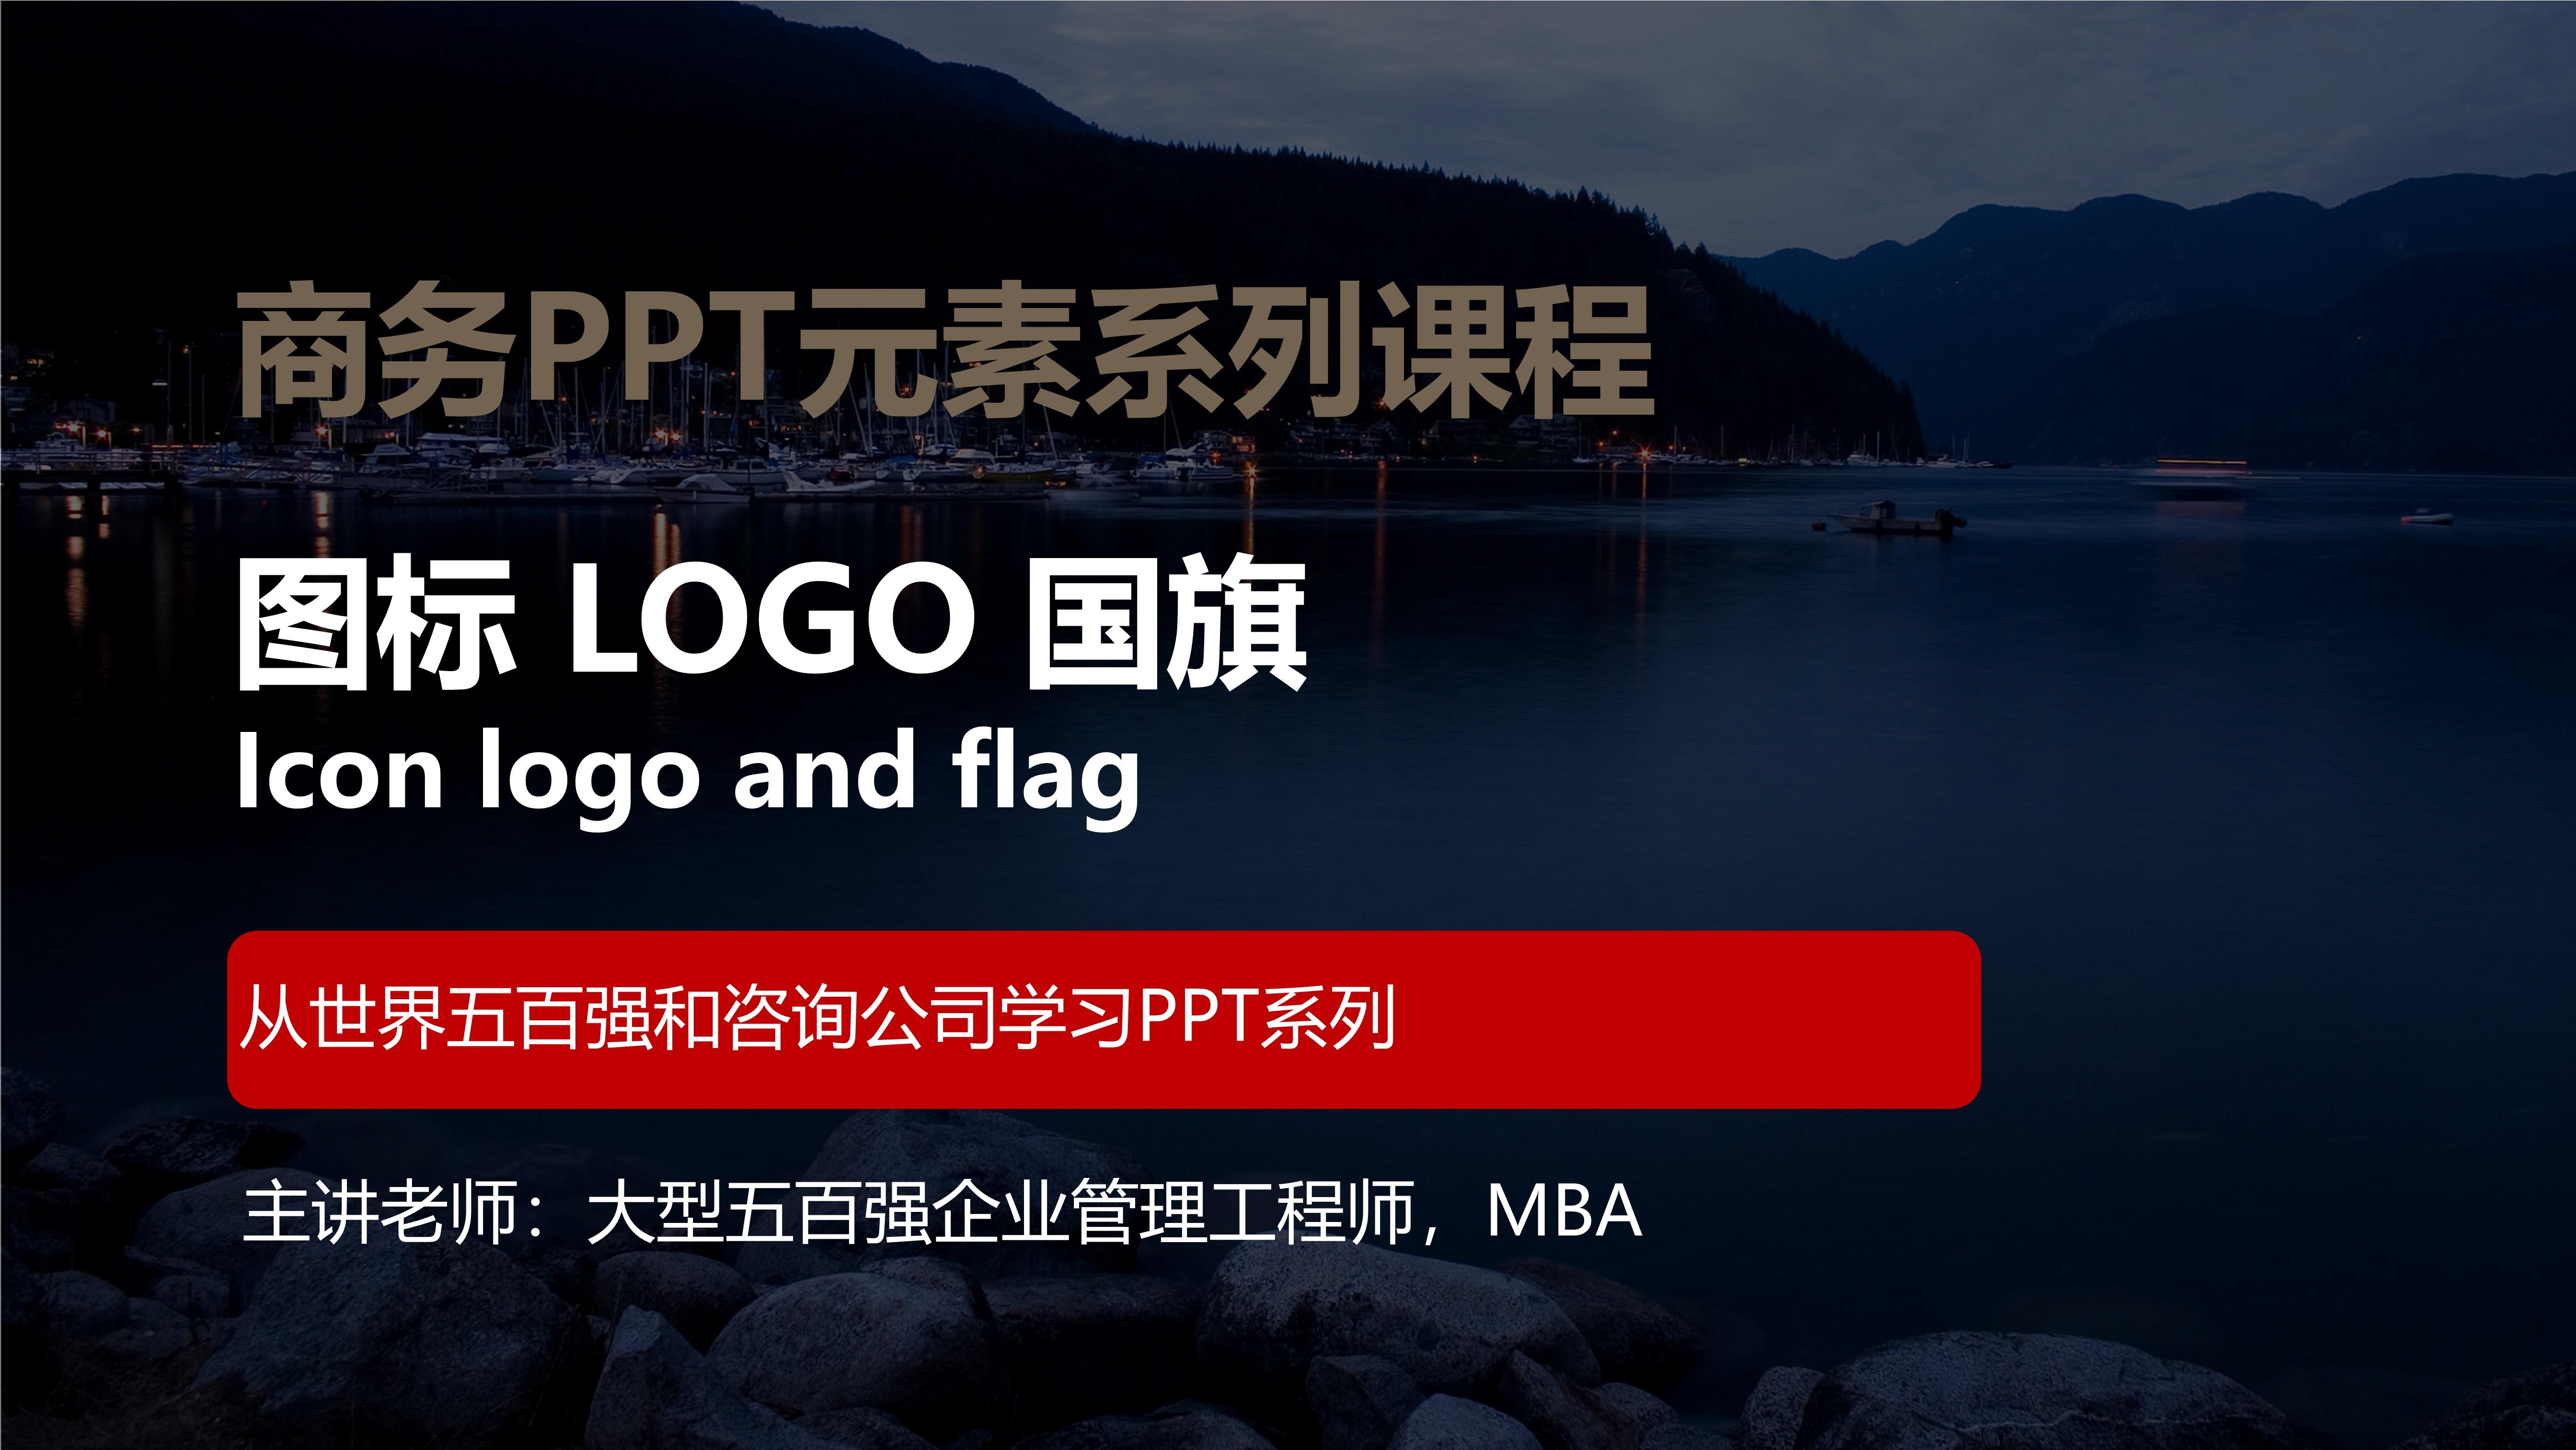 PPT图标LOGO国旗(YS08)免费版